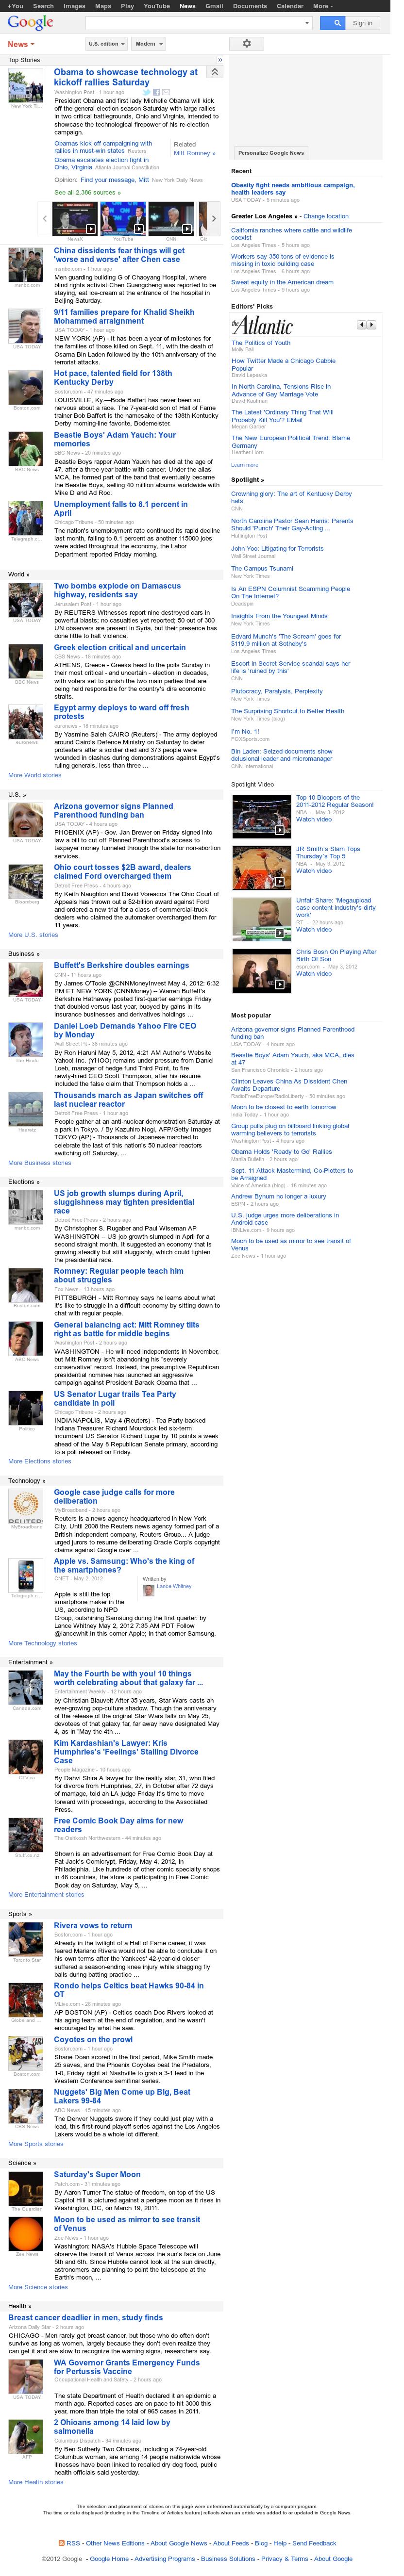 Google News at Saturday May 5, 2012, 10:05 a.m. UTC